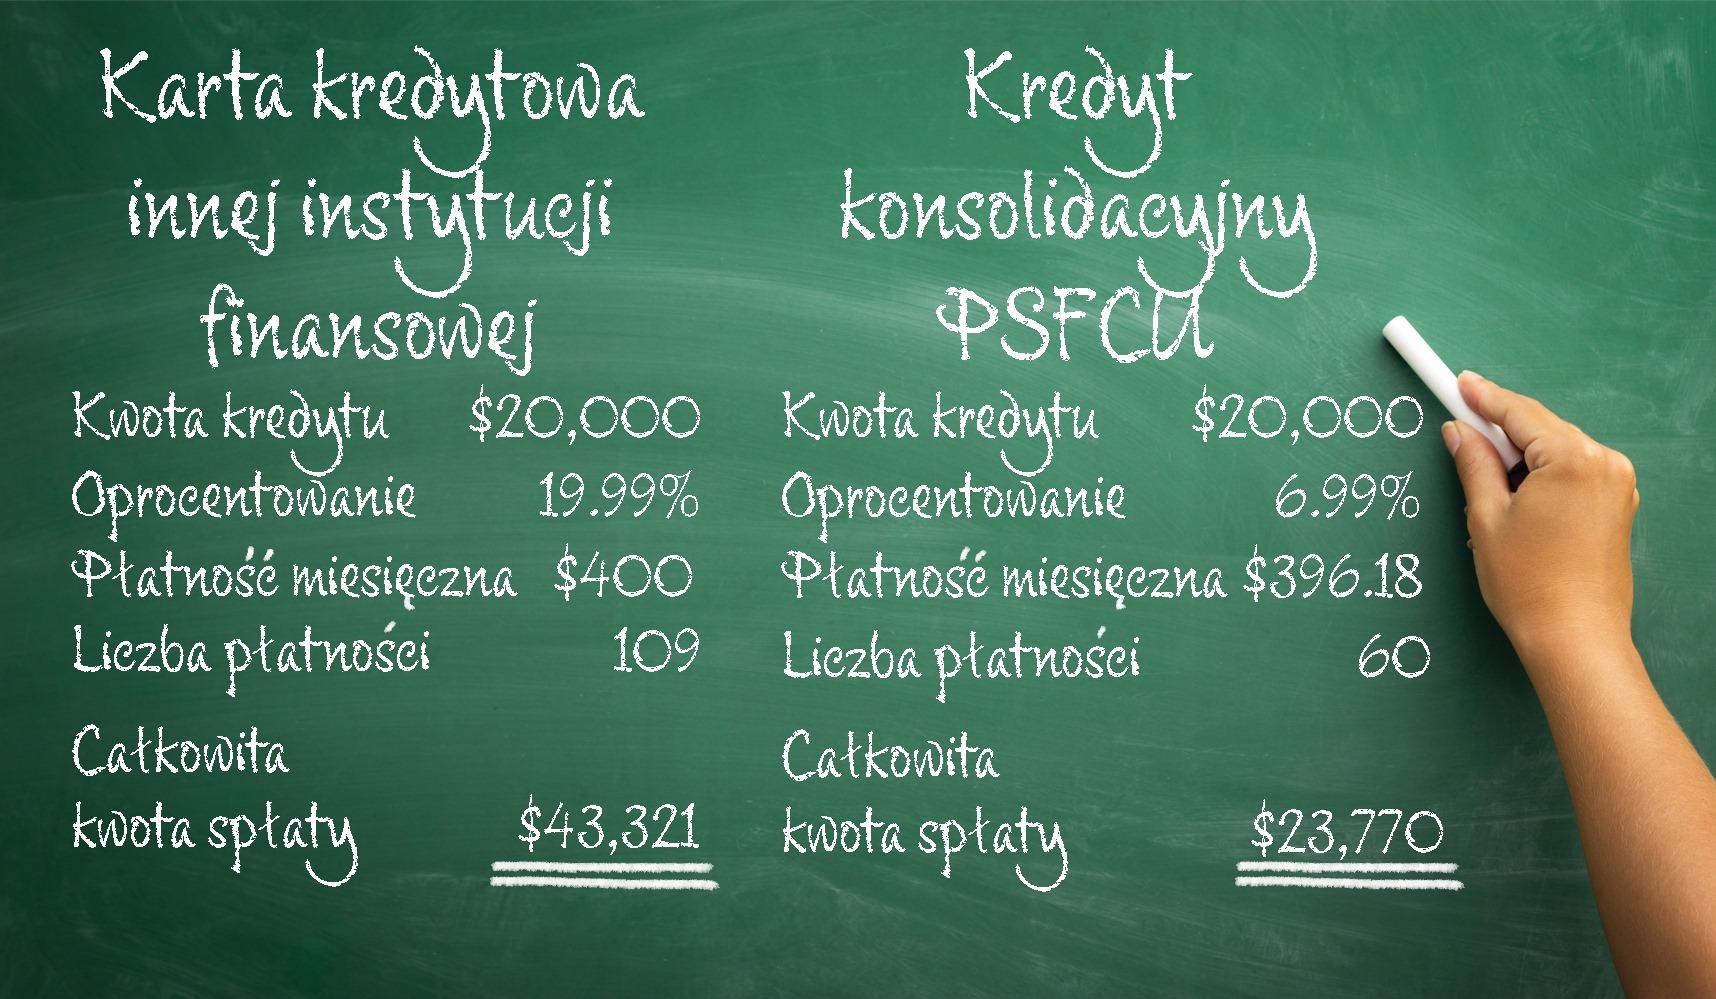 Kredyty Konsolidacyjne  w  PSFCU